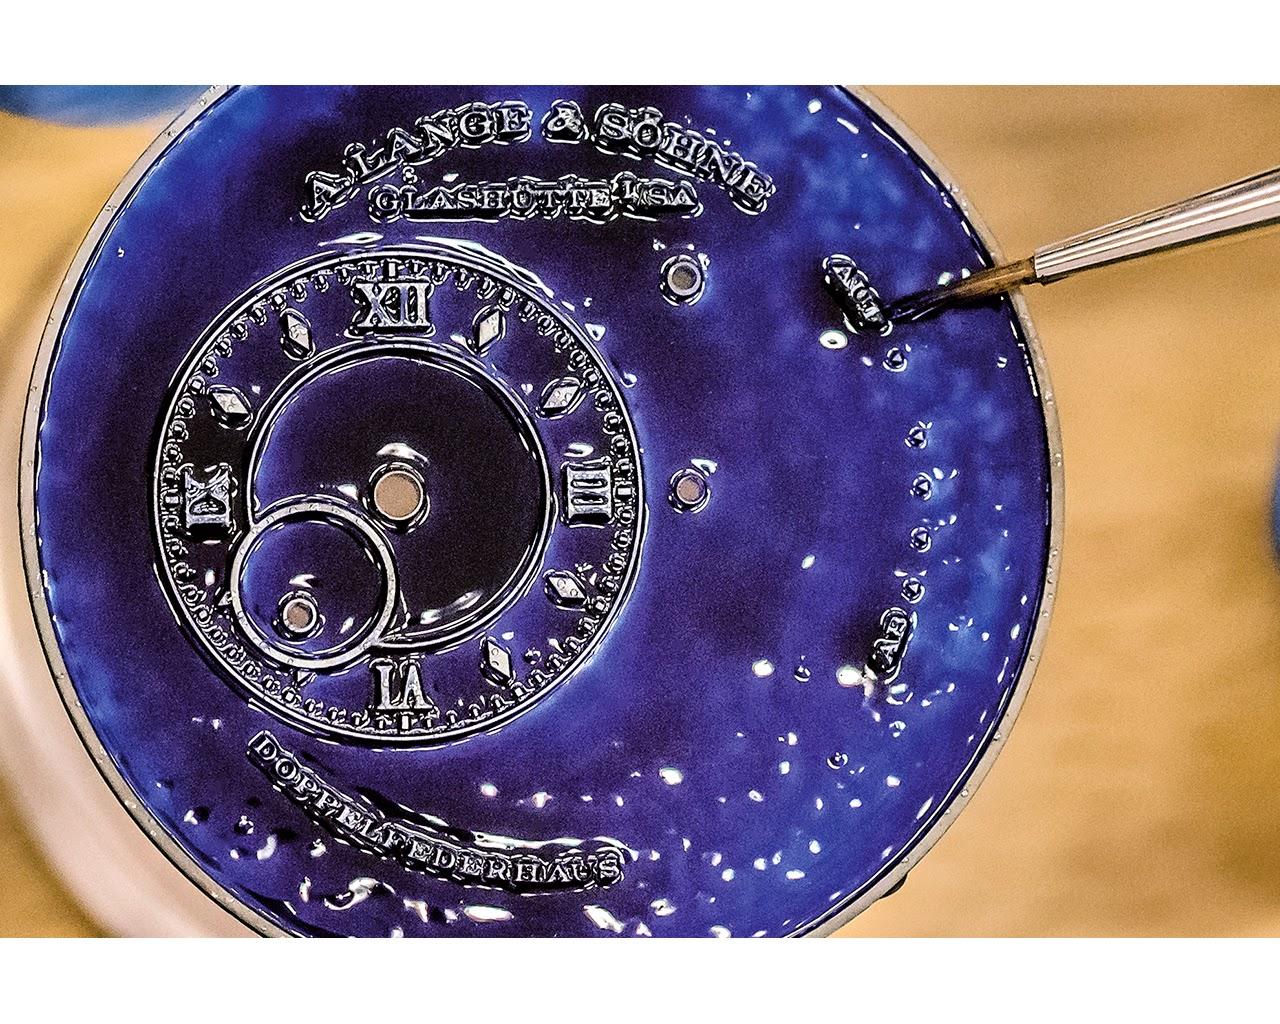 Como realiza A. Lange & Söhne un dial esmaltado debajodelreloj 7